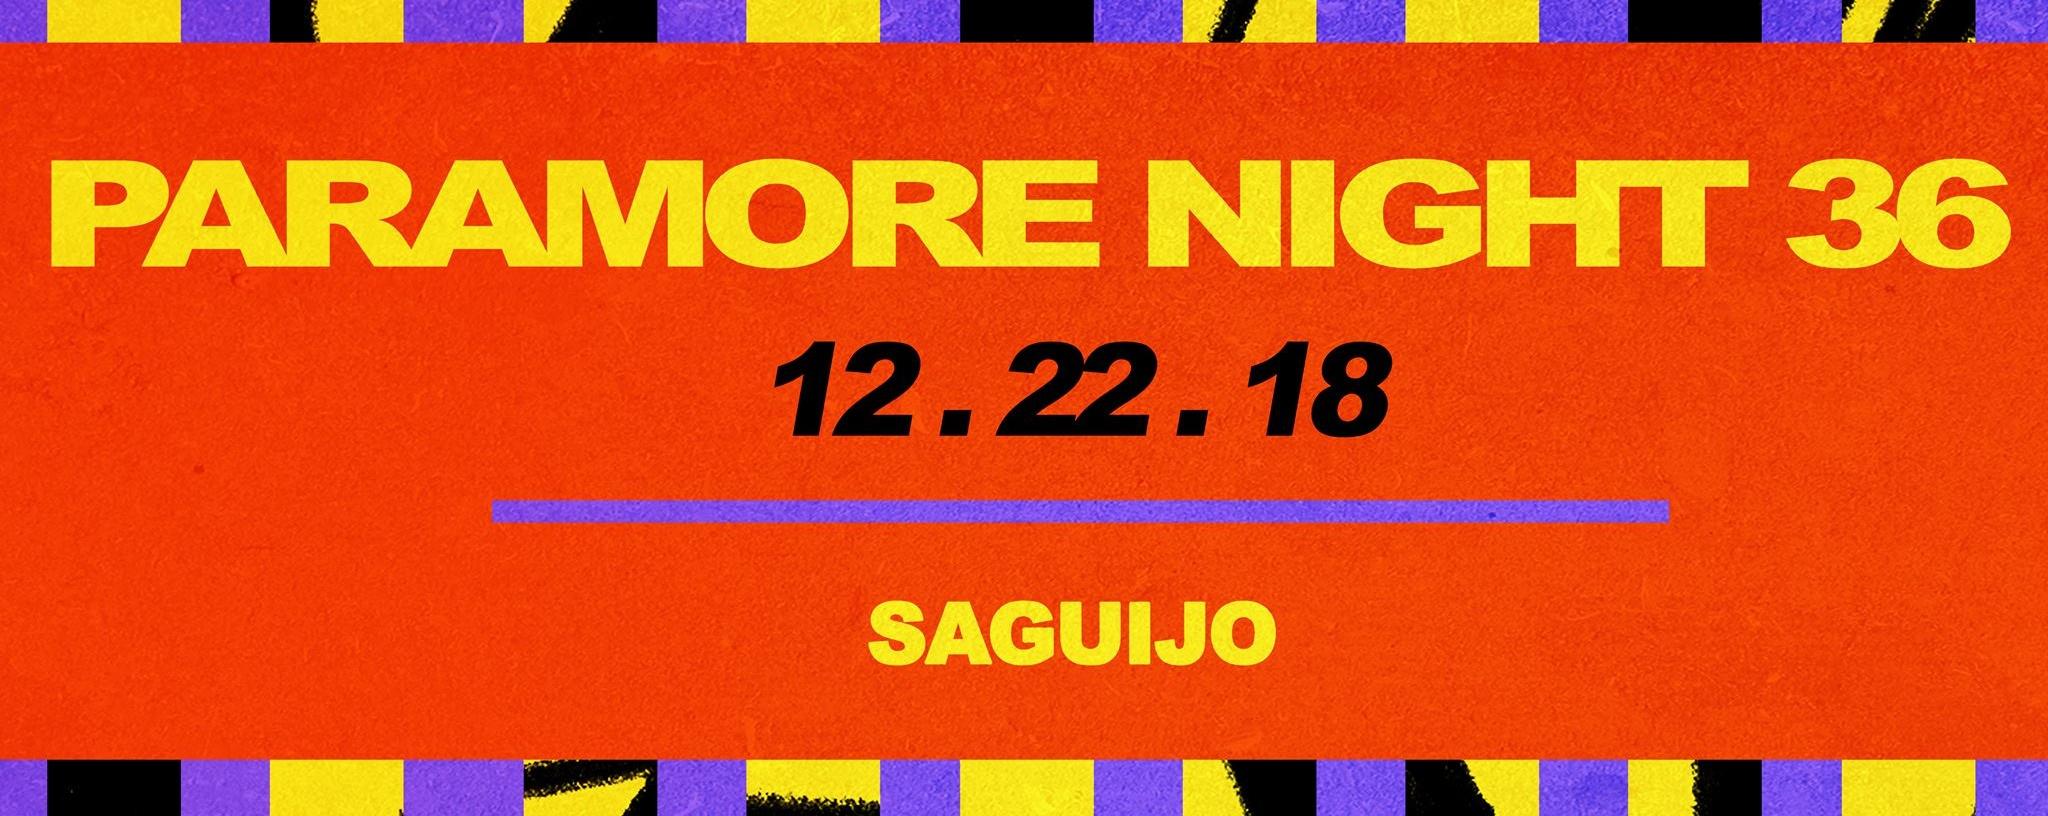 Paramore Night 36